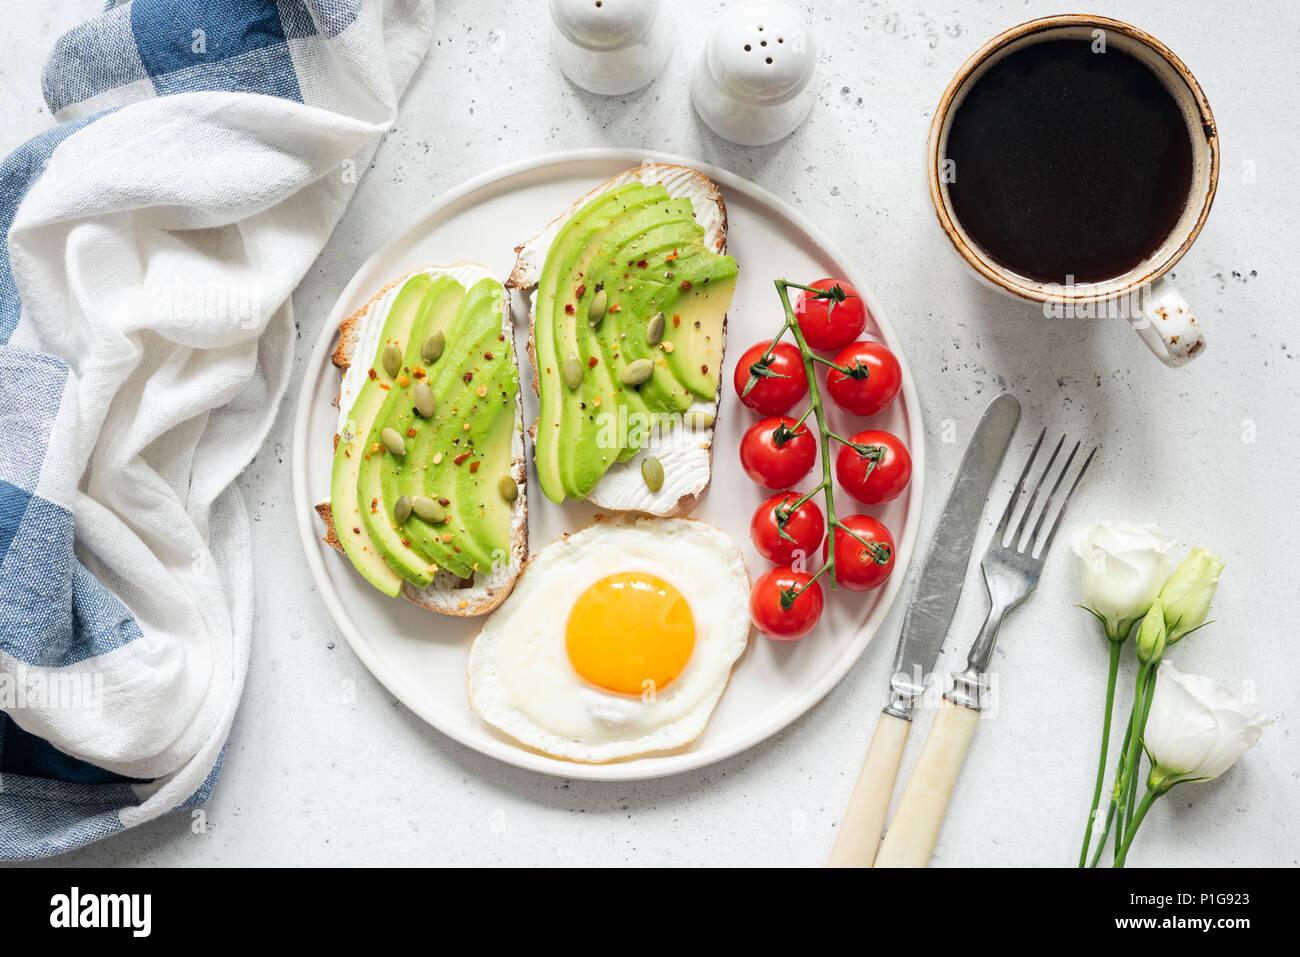 La colazione avocado toast con uovo fritto, pomodori ciliegini, una tazza di caffè e fiori bianchi. La prima colazione a letto. Uno stile di vita sano, mangiare sano concetto Immagini Stock